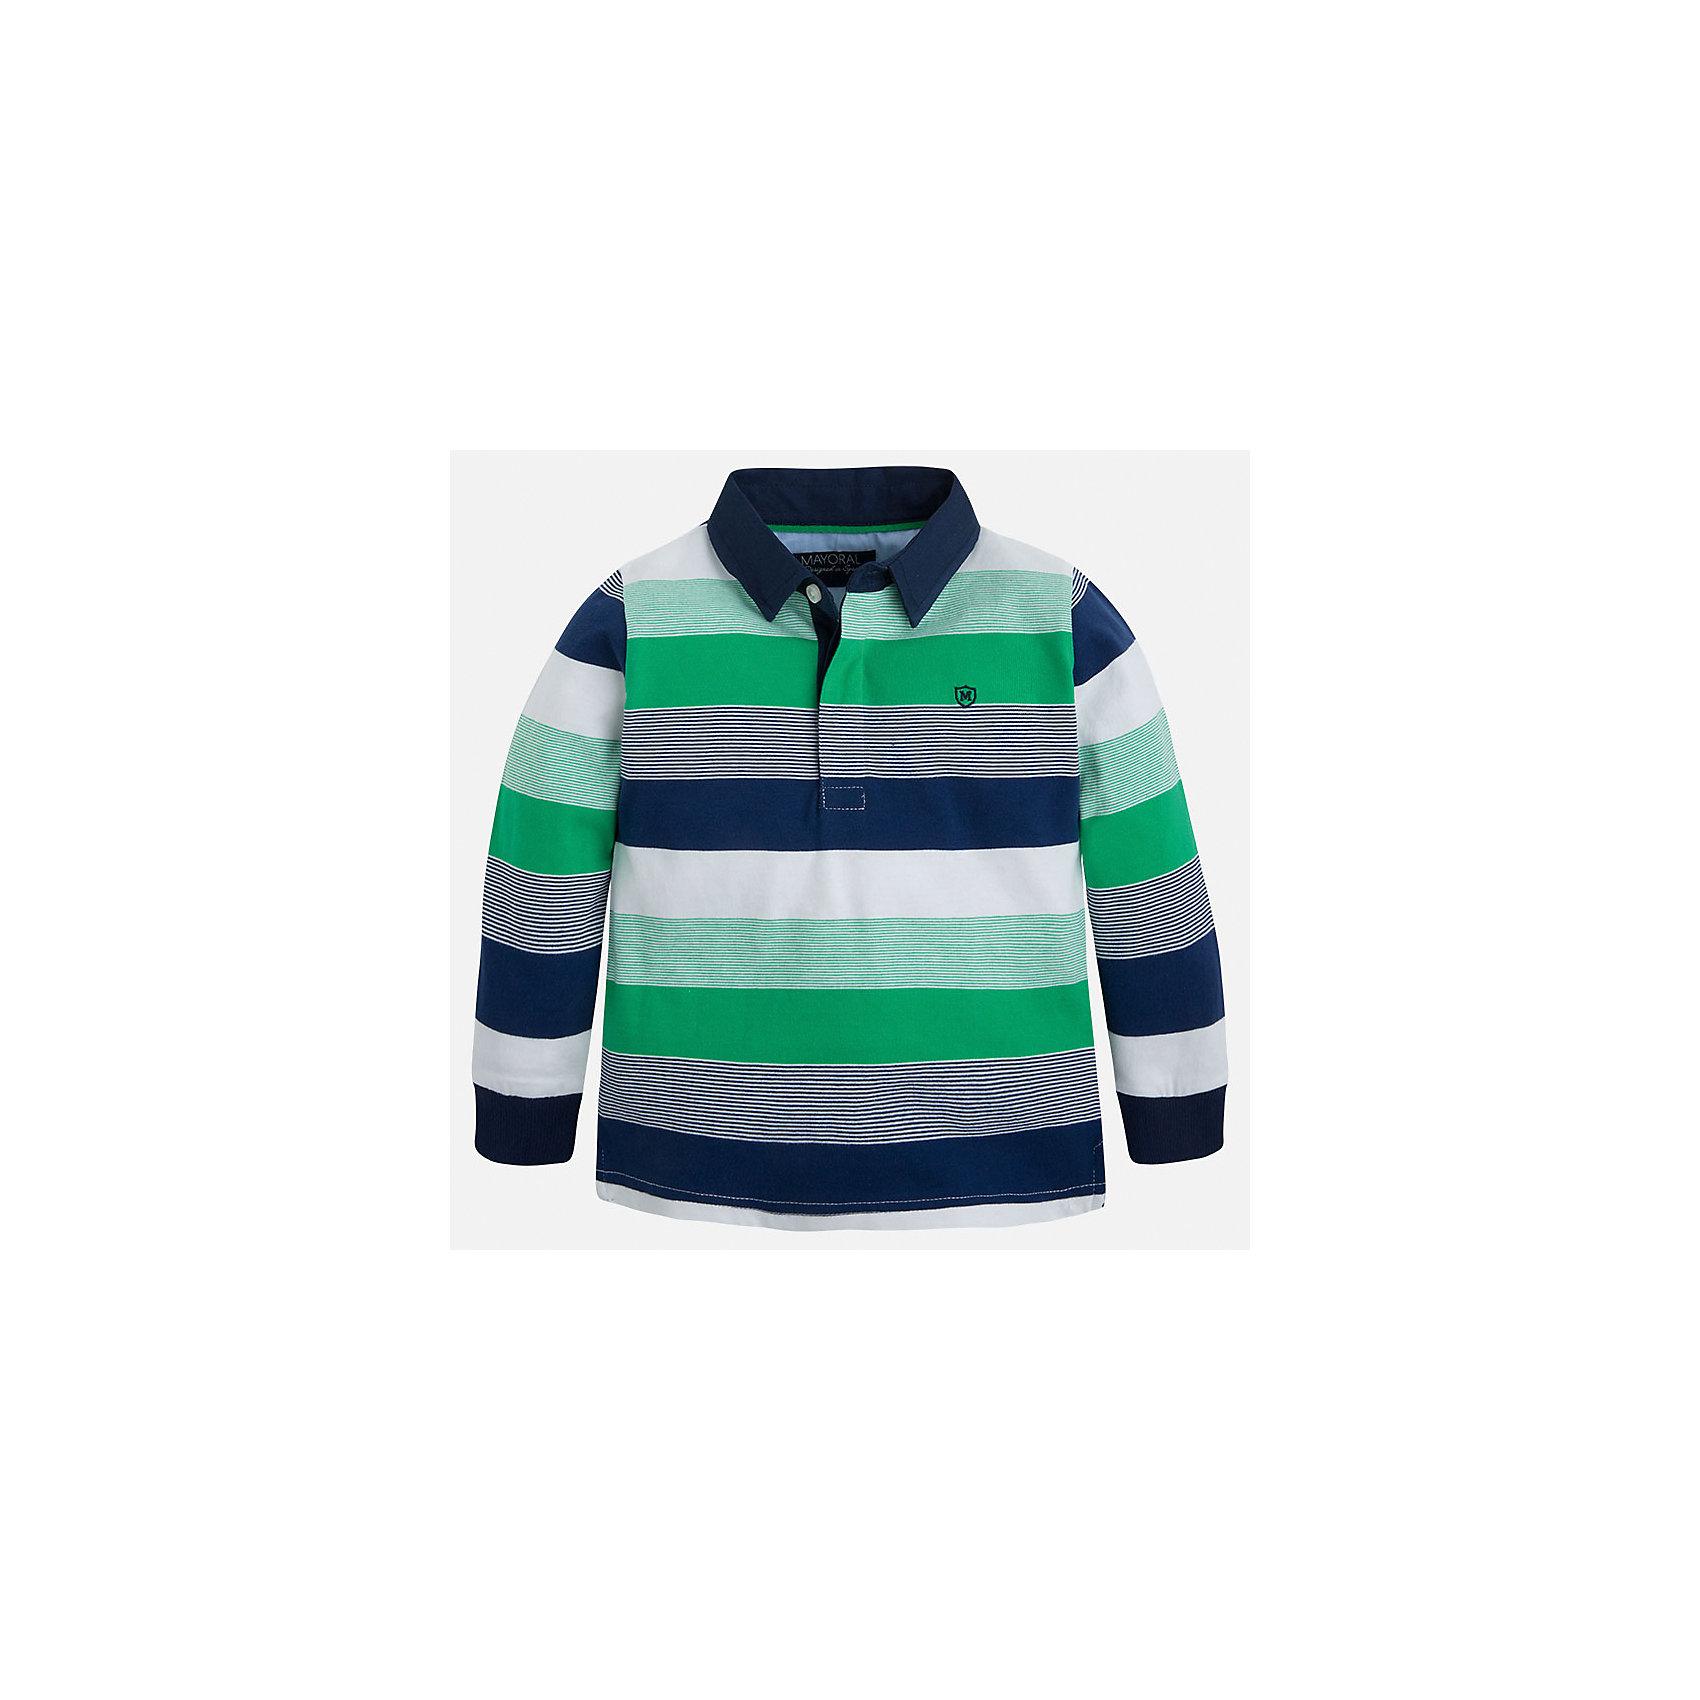 Футболка-поло с длинным рукавом для мальчика MayoralФутболки с длинным рукавом<br>Характеристики товара:<br><br>• цвет: синий/зеленый/белый<br>• состав: 100% хлопок<br>• отложной воротник<br>• длинные рукава<br>• застежка: пуговицы<br>• вышивка на груди<br>• страна бренда: Испания<br><br>Удобная модная рубашка-поло для мальчика может стать базовой вещью в гардеробе ребенка. Она отлично сочетается с брюками, шортами, джинсами и т.д. Универсальный крой и цвет позволяет подобрать к вещи низ разных расцветок. Практичное и стильное изделие! В составе материала - только натуральный хлопок, гипоаллергенный, приятный на ощупь, дышащий.<br><br>Одежда, обувь и аксессуары от испанского бренда Mayoral полюбились детям и взрослым по всему миру. Модели этой марки - стильные и удобные. Для их производства используются только безопасные, качественные материалы и фурнитура. Порадуйте ребенка модными и красивыми вещами от Mayoral! <br><br>Рубашку-поло для мальчика от испанского бренда Mayoral (Майорал) можно купить в нашем интернет-магазине.<br><br>Ширина мм: 230<br>Глубина мм: 40<br>Высота мм: 220<br>Вес г: 250<br>Цвет: зеленый<br>Возраст от месяцев: 84<br>Возраст до месяцев: 96<br>Пол: Мужской<br>Возраст: Детский<br>Размер: 128,134,116,110,92,98,104,122<br>SKU: 5272153